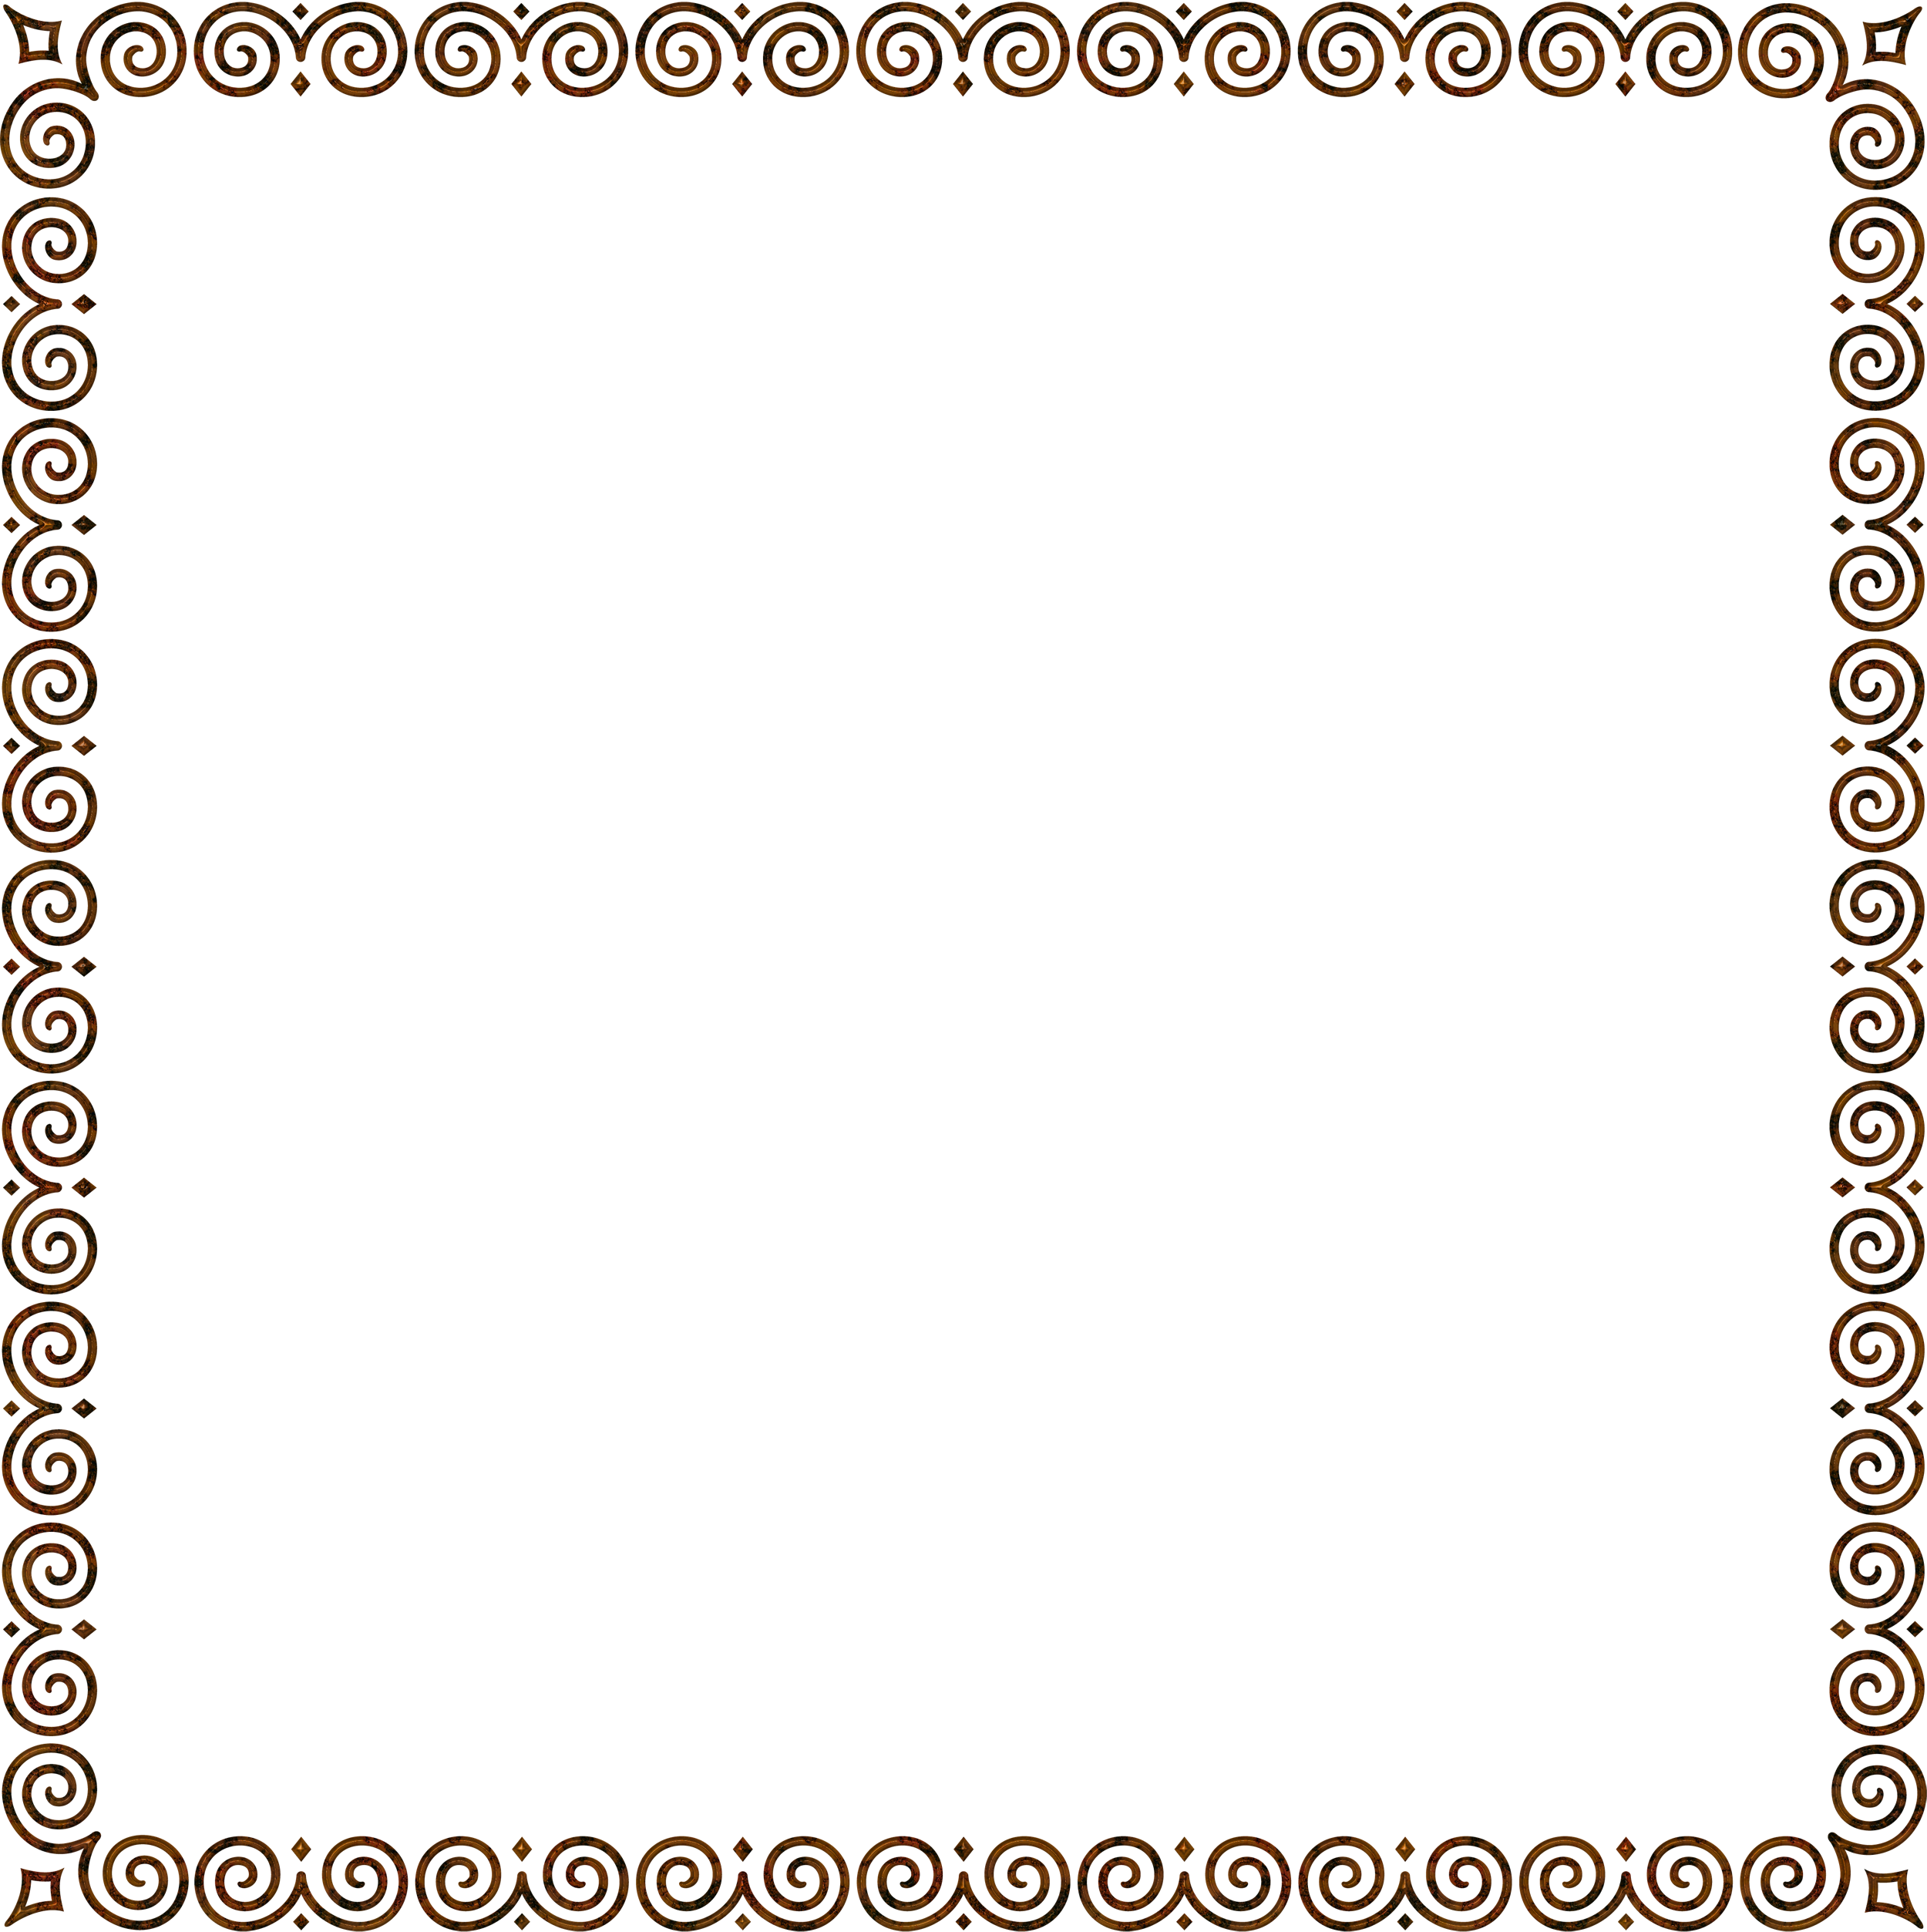 PNG картинки с прозрачным фоном